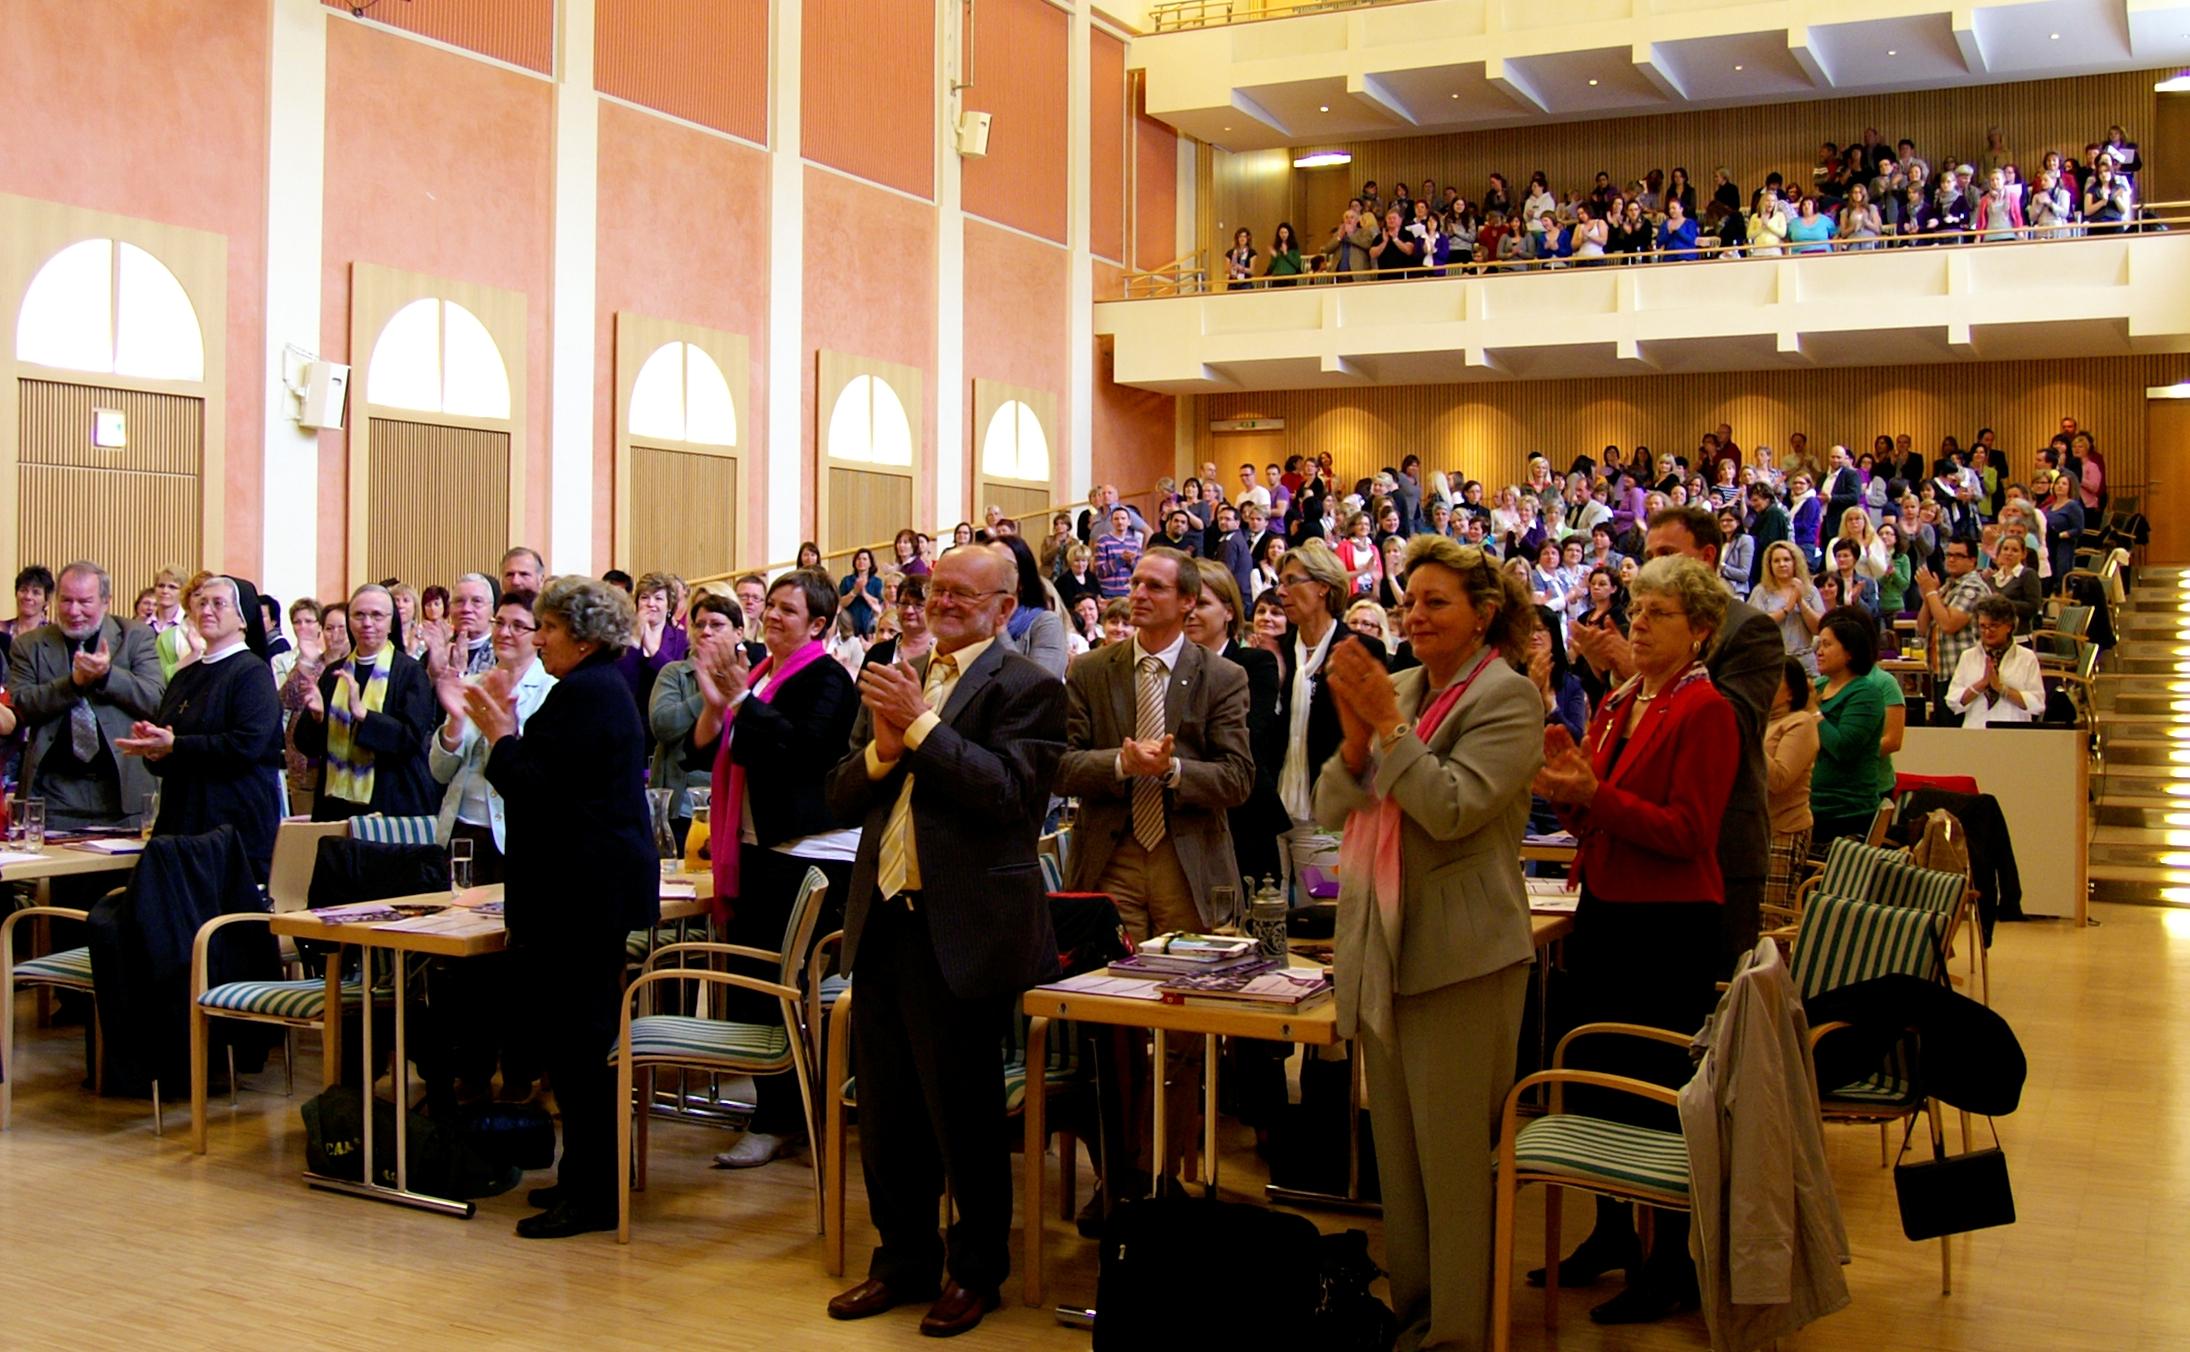 standing ovations der rund 500 Kongressgäste für Sr. Liliane Juchli